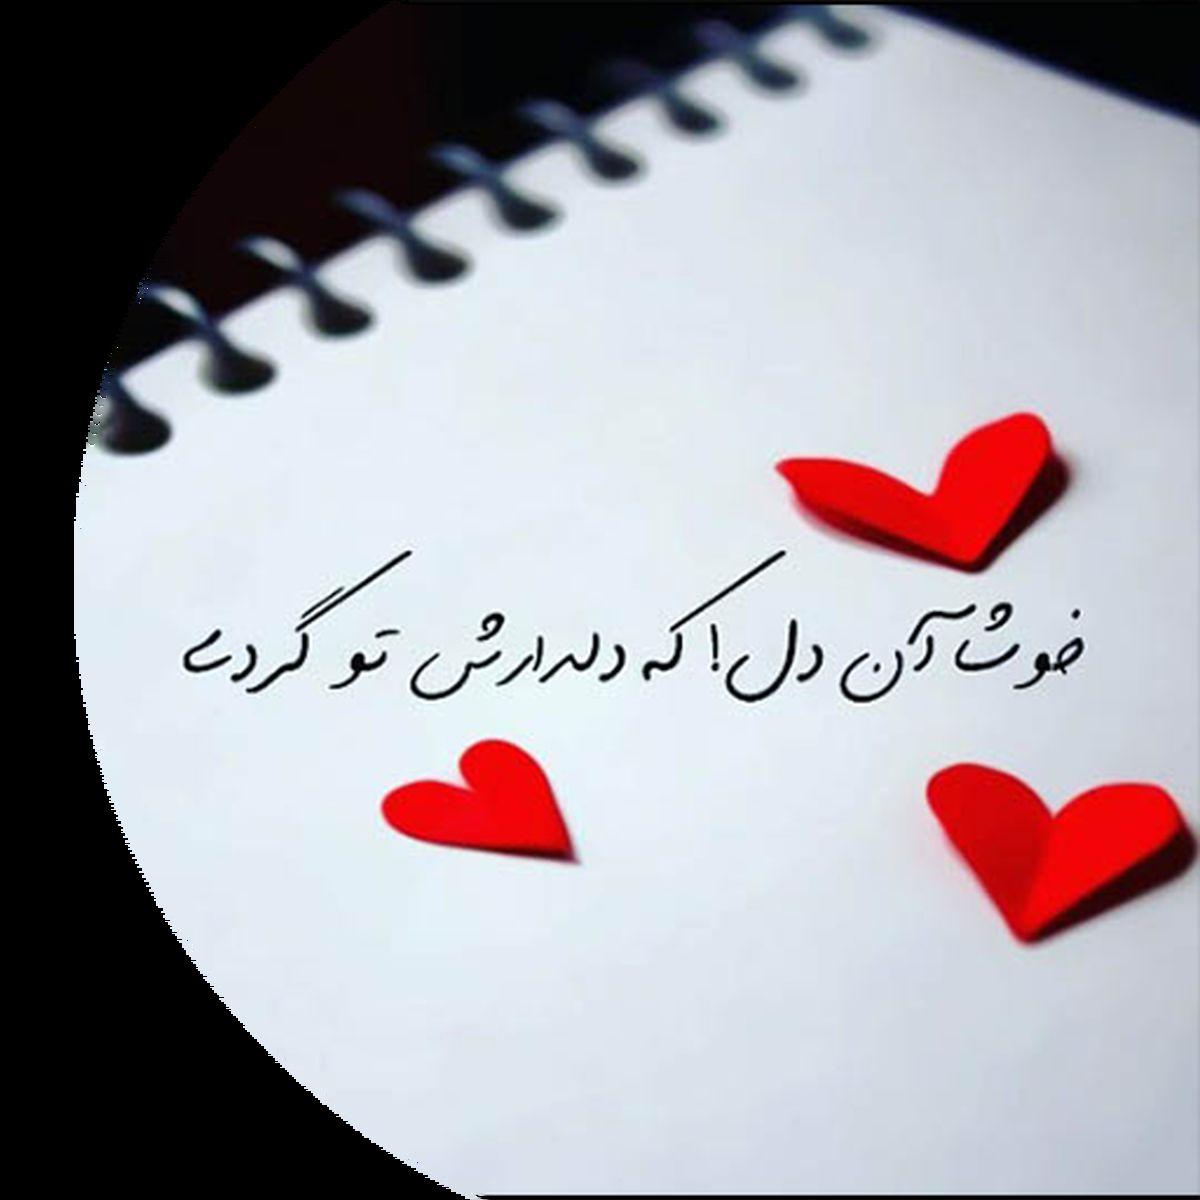 دلنوشته های عاشقانه با چاشنی ابراز علاقه و محبت